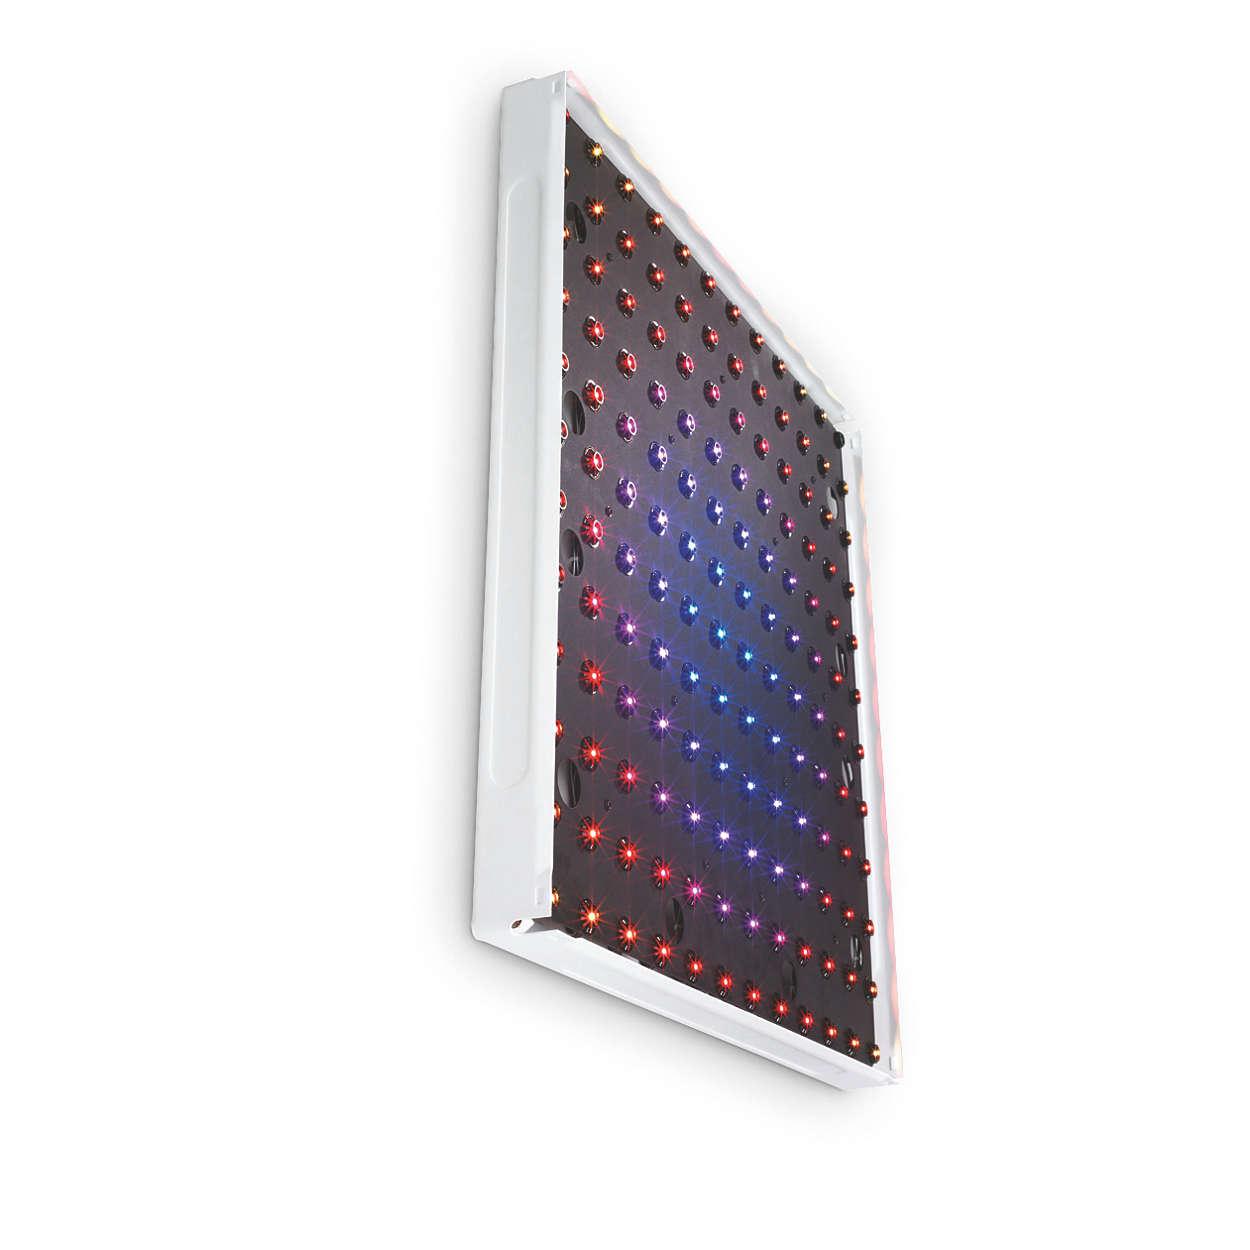 iColor Tile MX